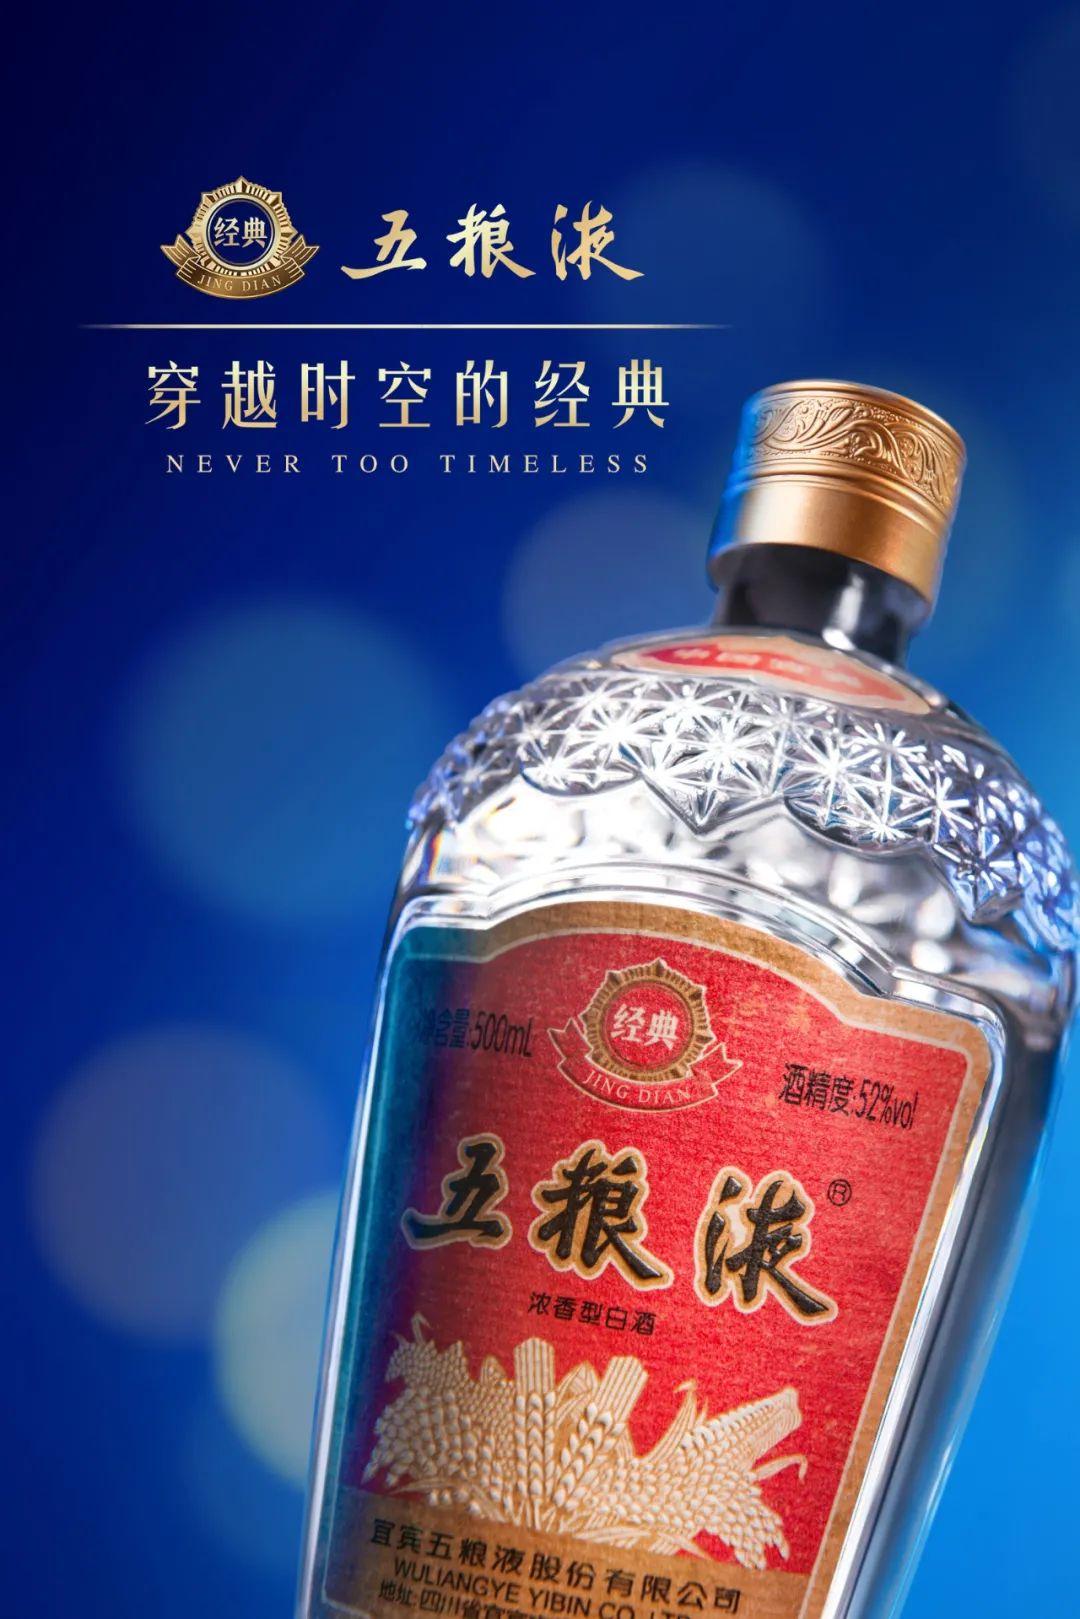 """进一步丰富高端白酒品类,五粮液发布全新打造的""""经典五粮液""""图片"""